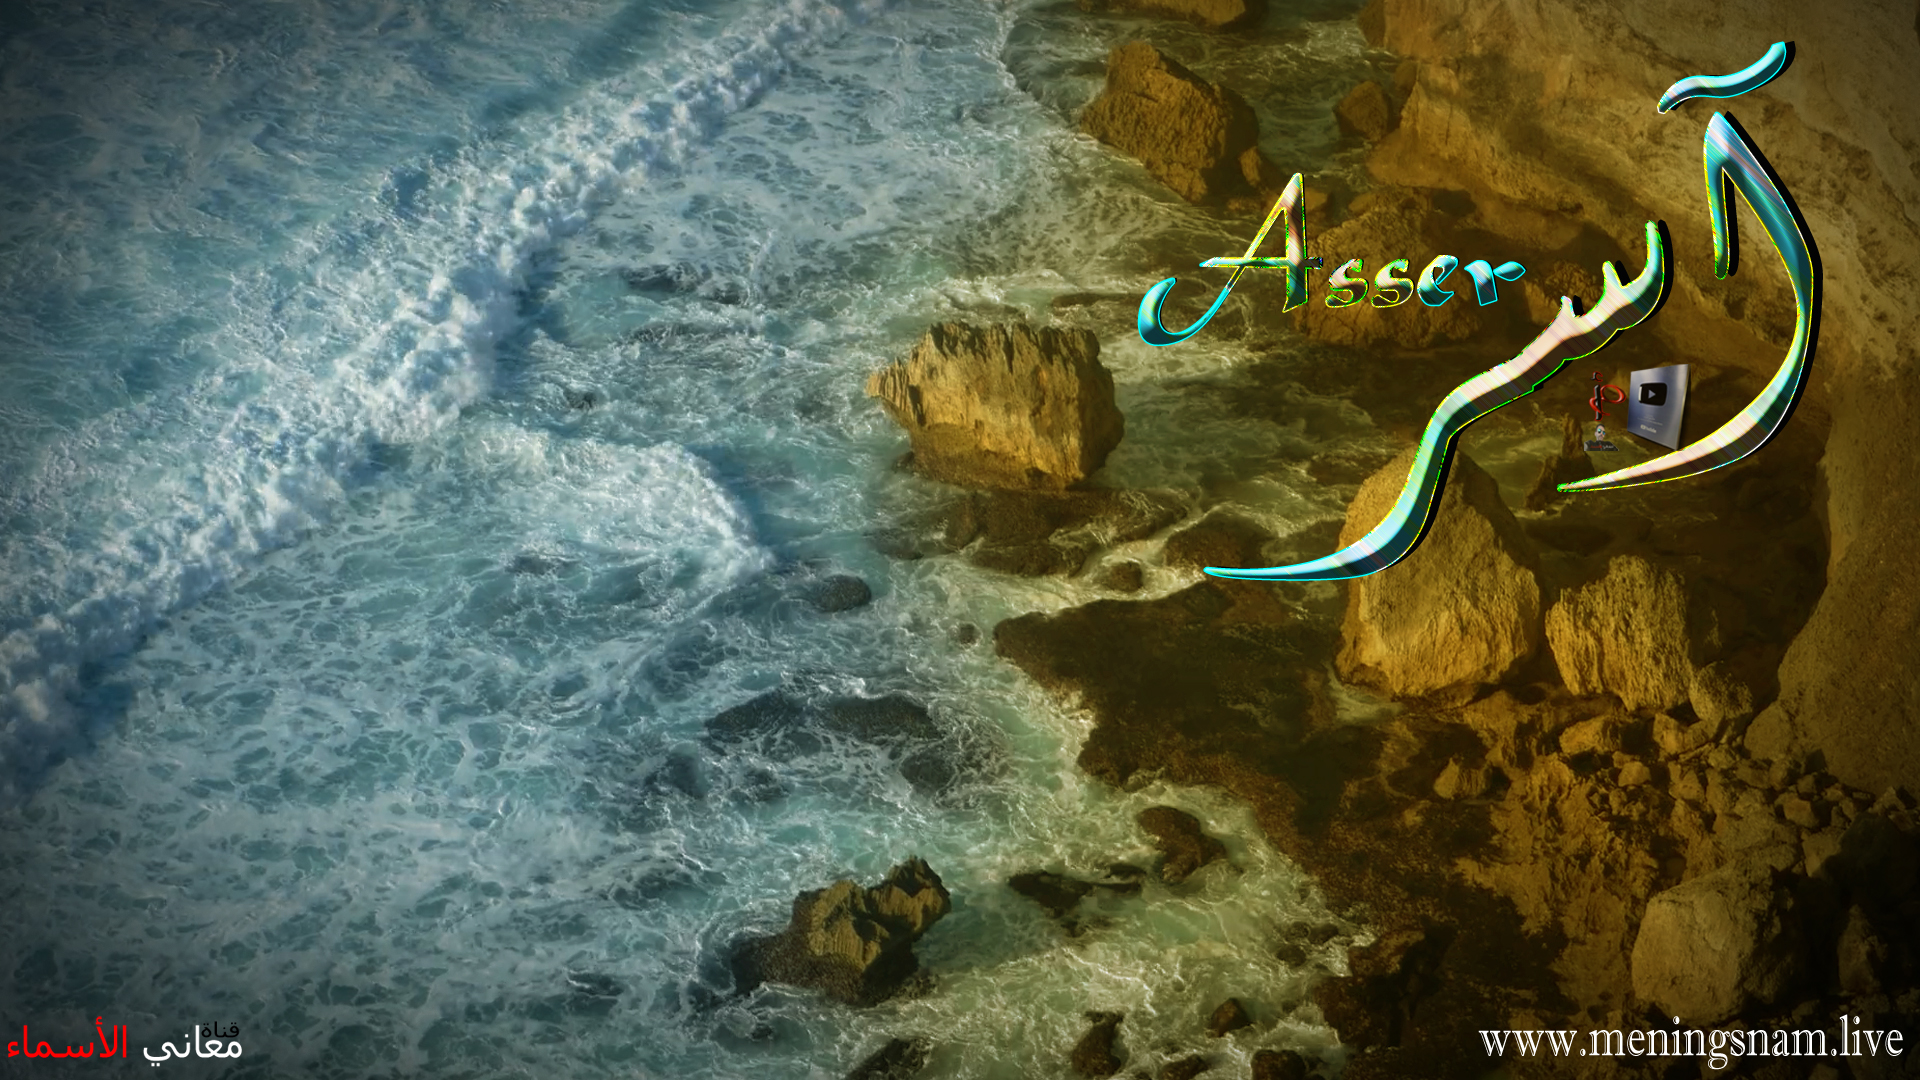 معنى اسم آسر وصفات حامل هذا الإسم Aser